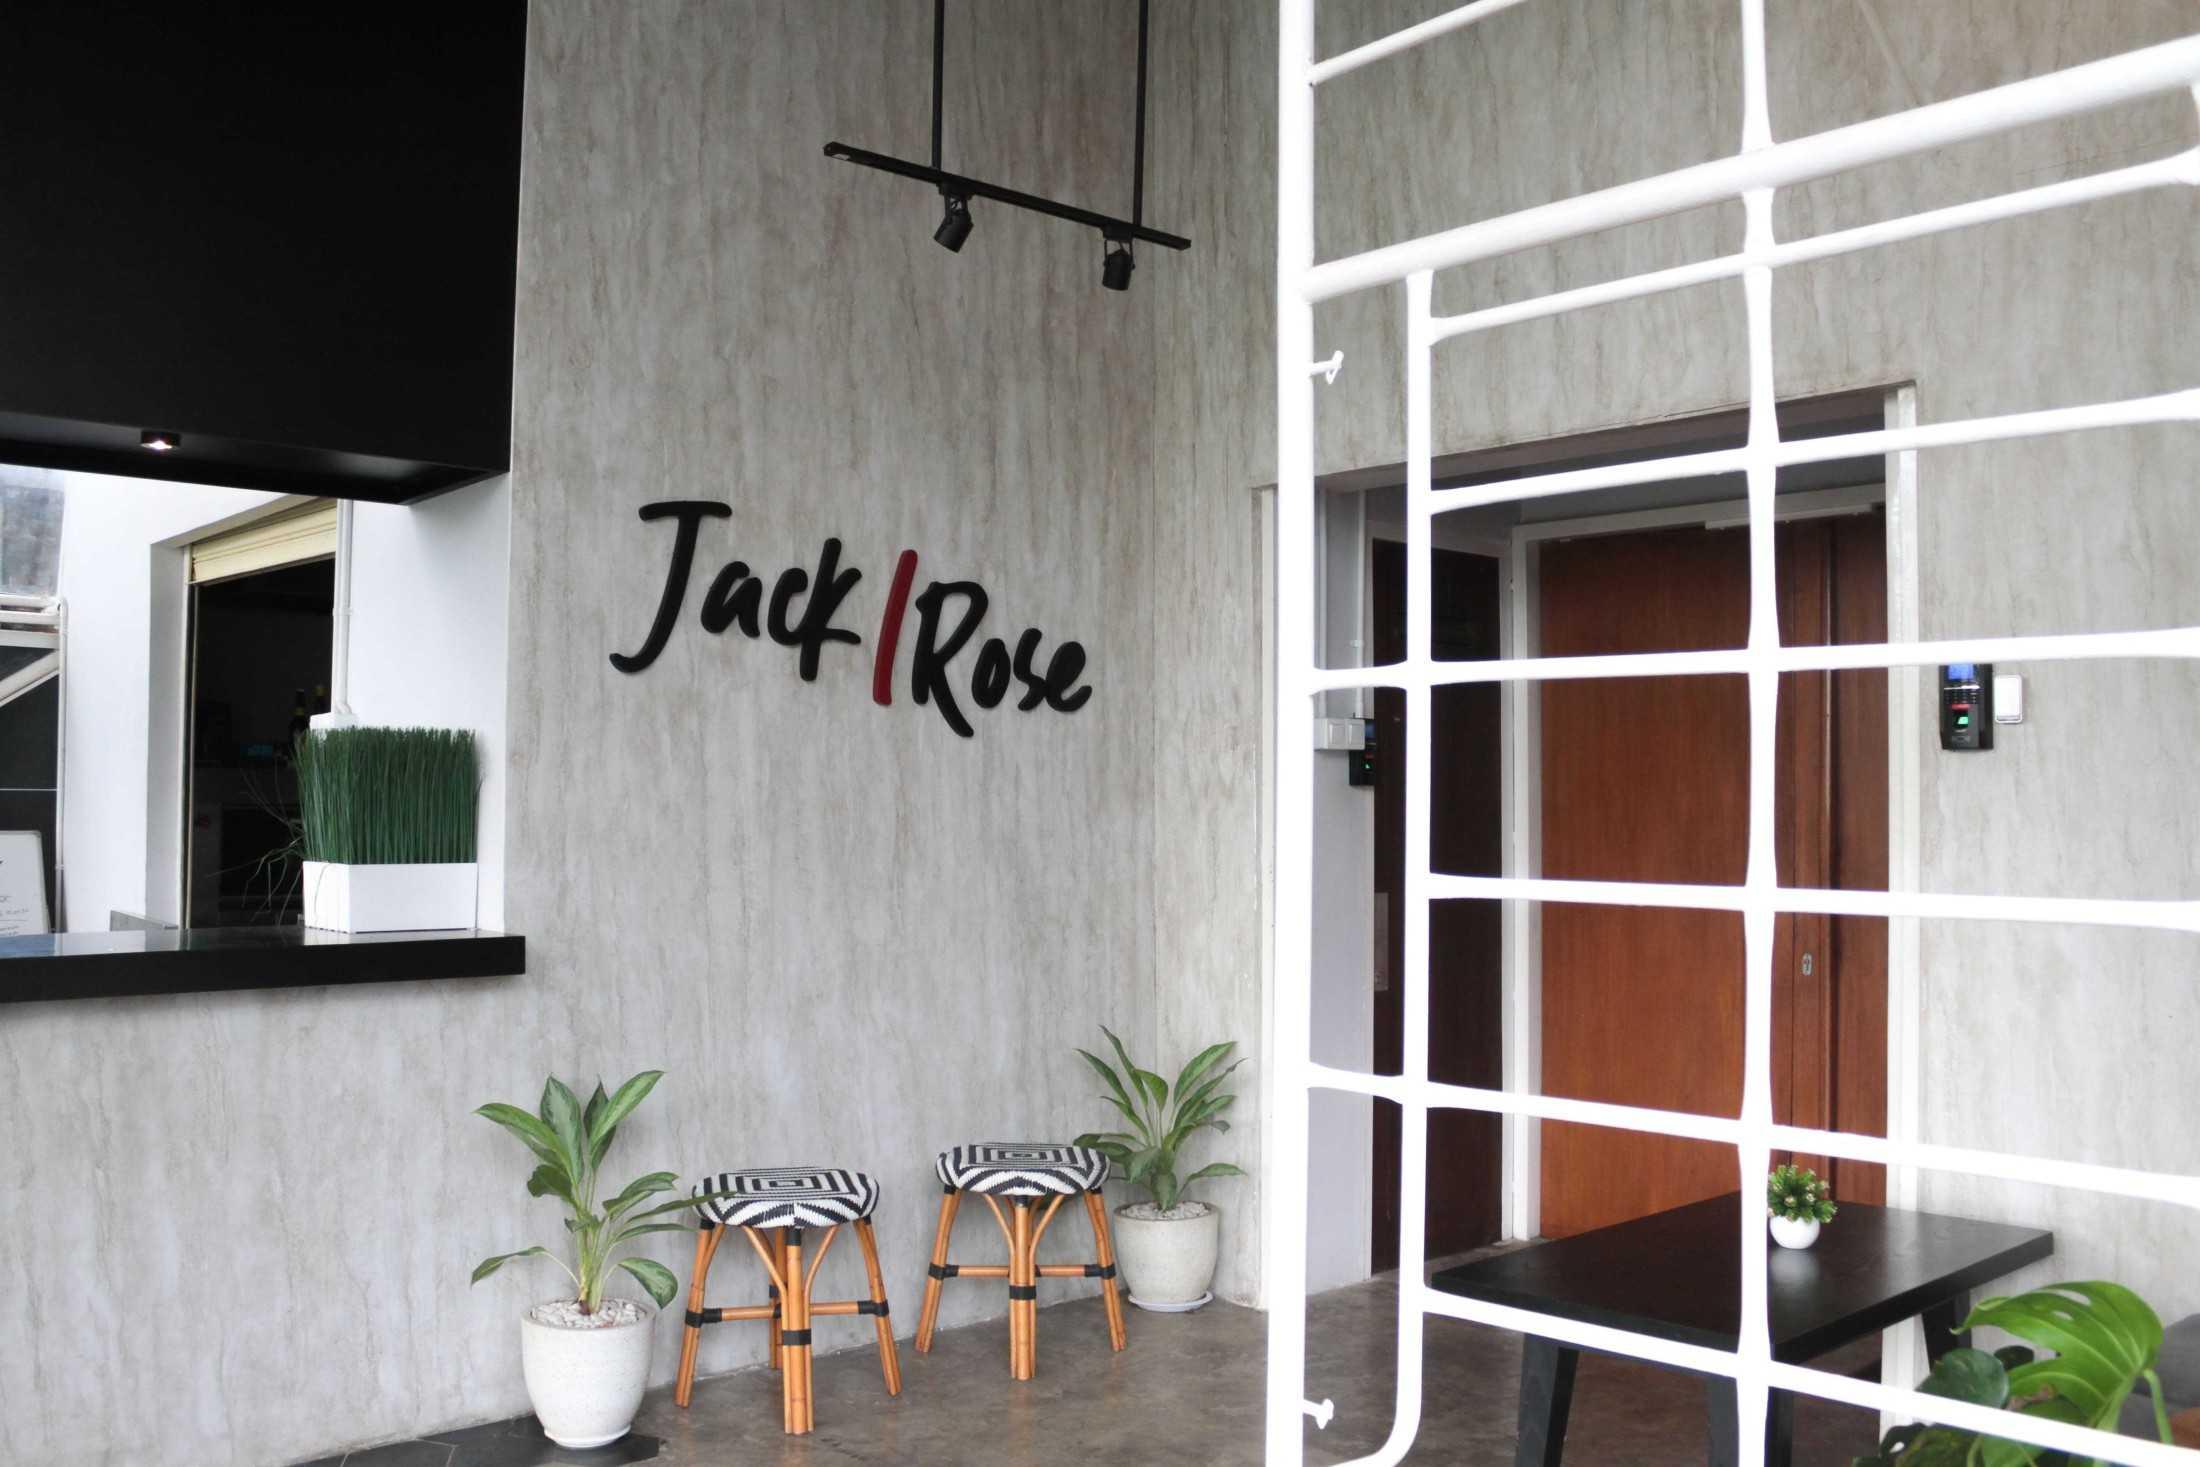 Scala (Pt Balkon Karya Plus) Jackrose Hq Bintaro, Kec. Pesanggrahan, Kota Jakarta Selatan, Daerah Khusus Ibukota Jakarta, Indonesia Bintaro, Kec. Pesanggrahan, Kota Jakarta Selatan, Daerah Khusus Ibukota Jakarta, Indonesia Scala-Pt-Balkon-Karya-Plus-Jackrose-Hq  107200